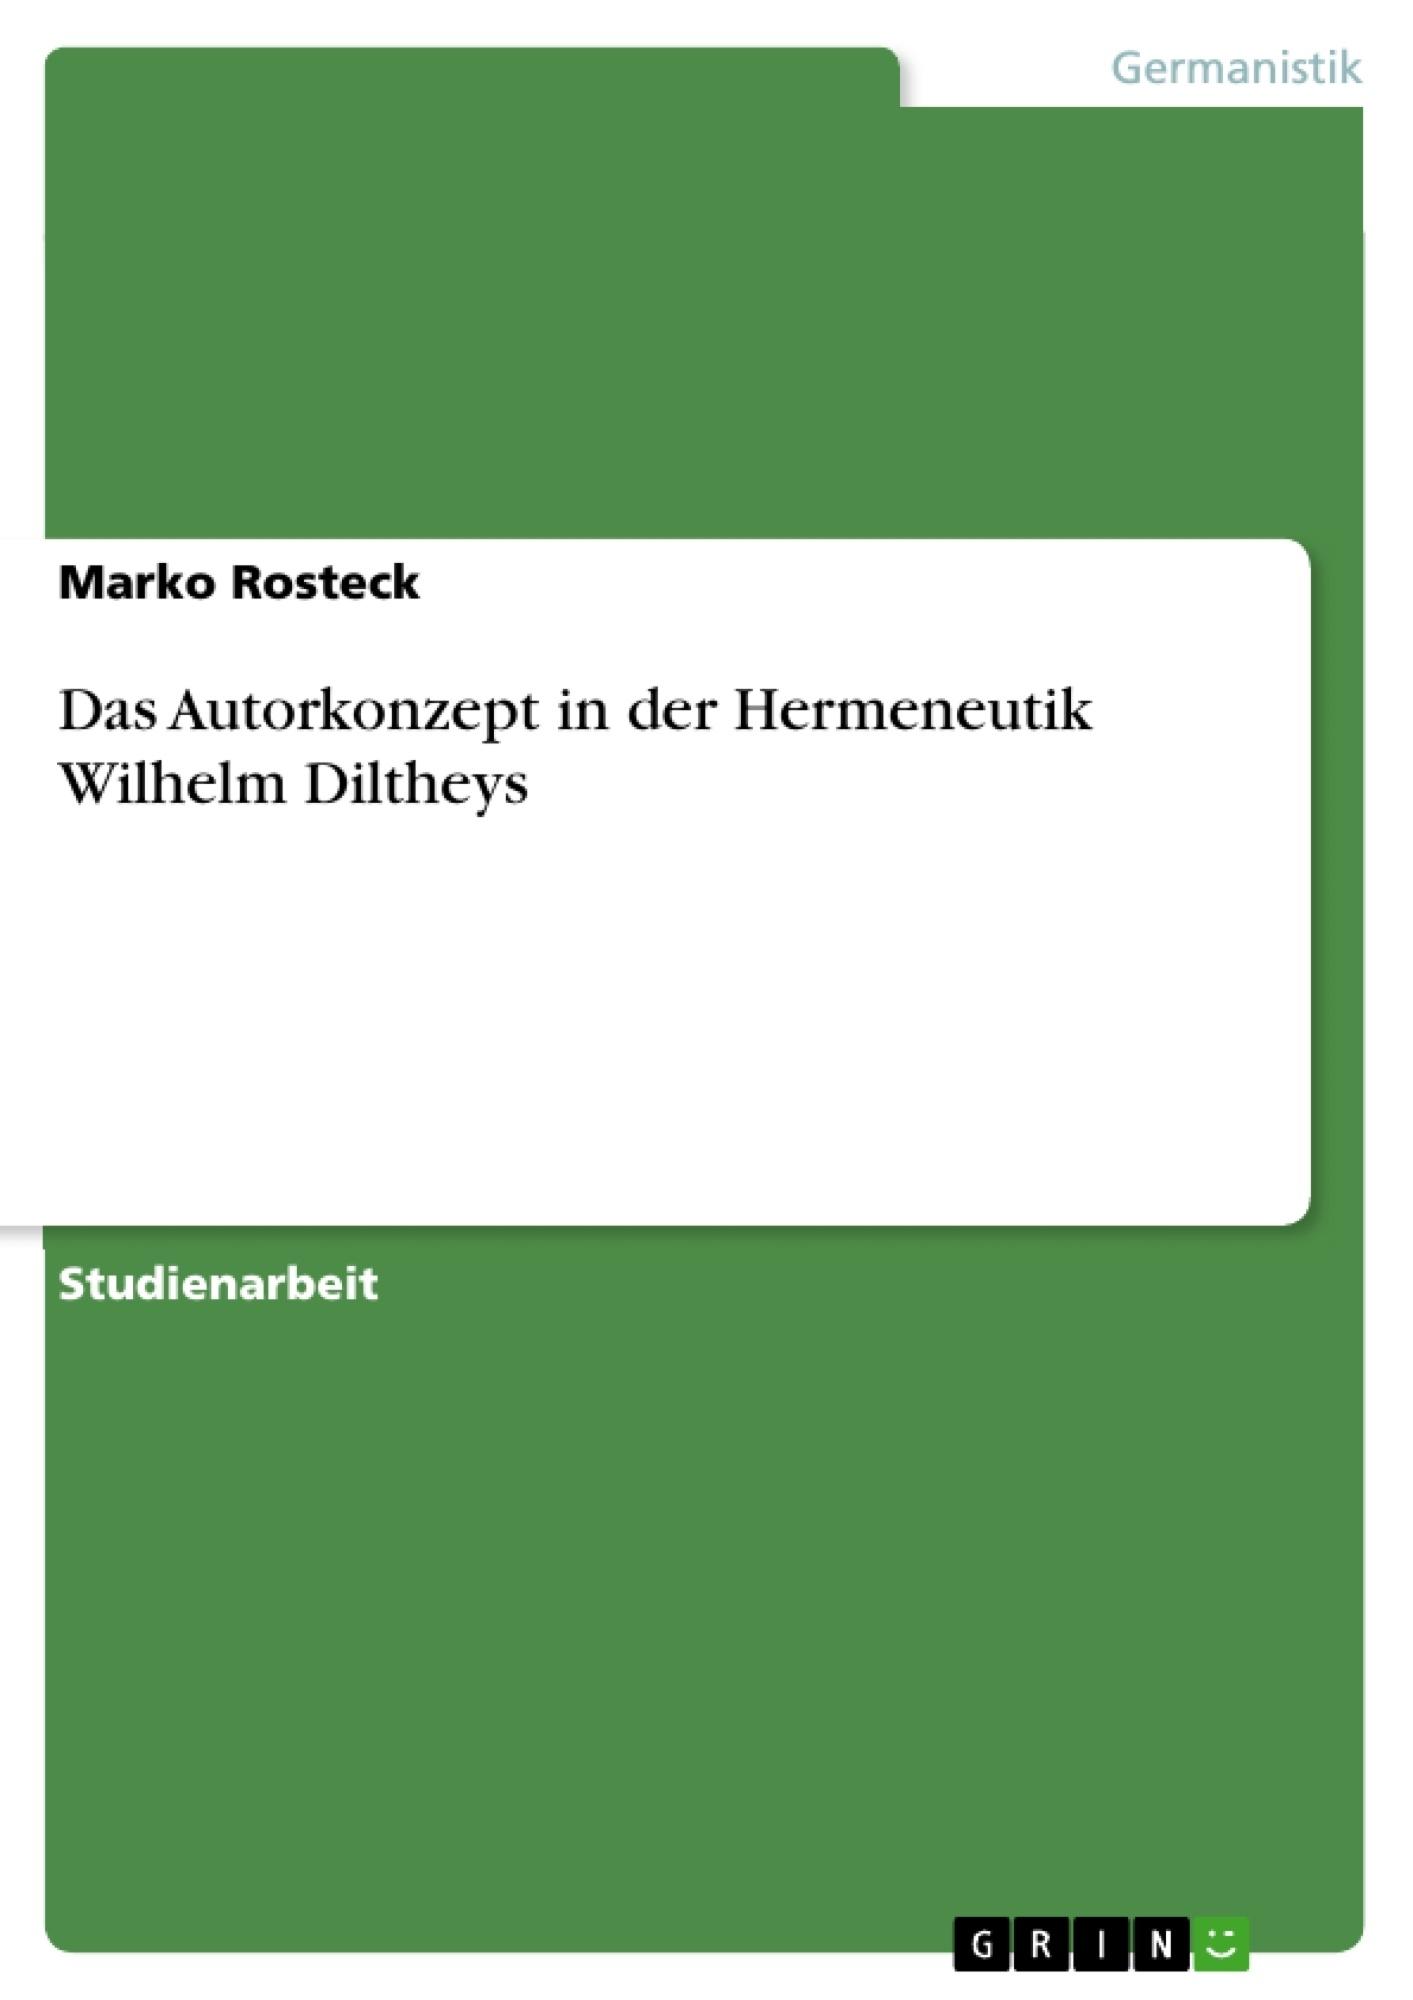 Titel: Das Autorkonzept in der Hermeneutik Wilhelm Diltheys